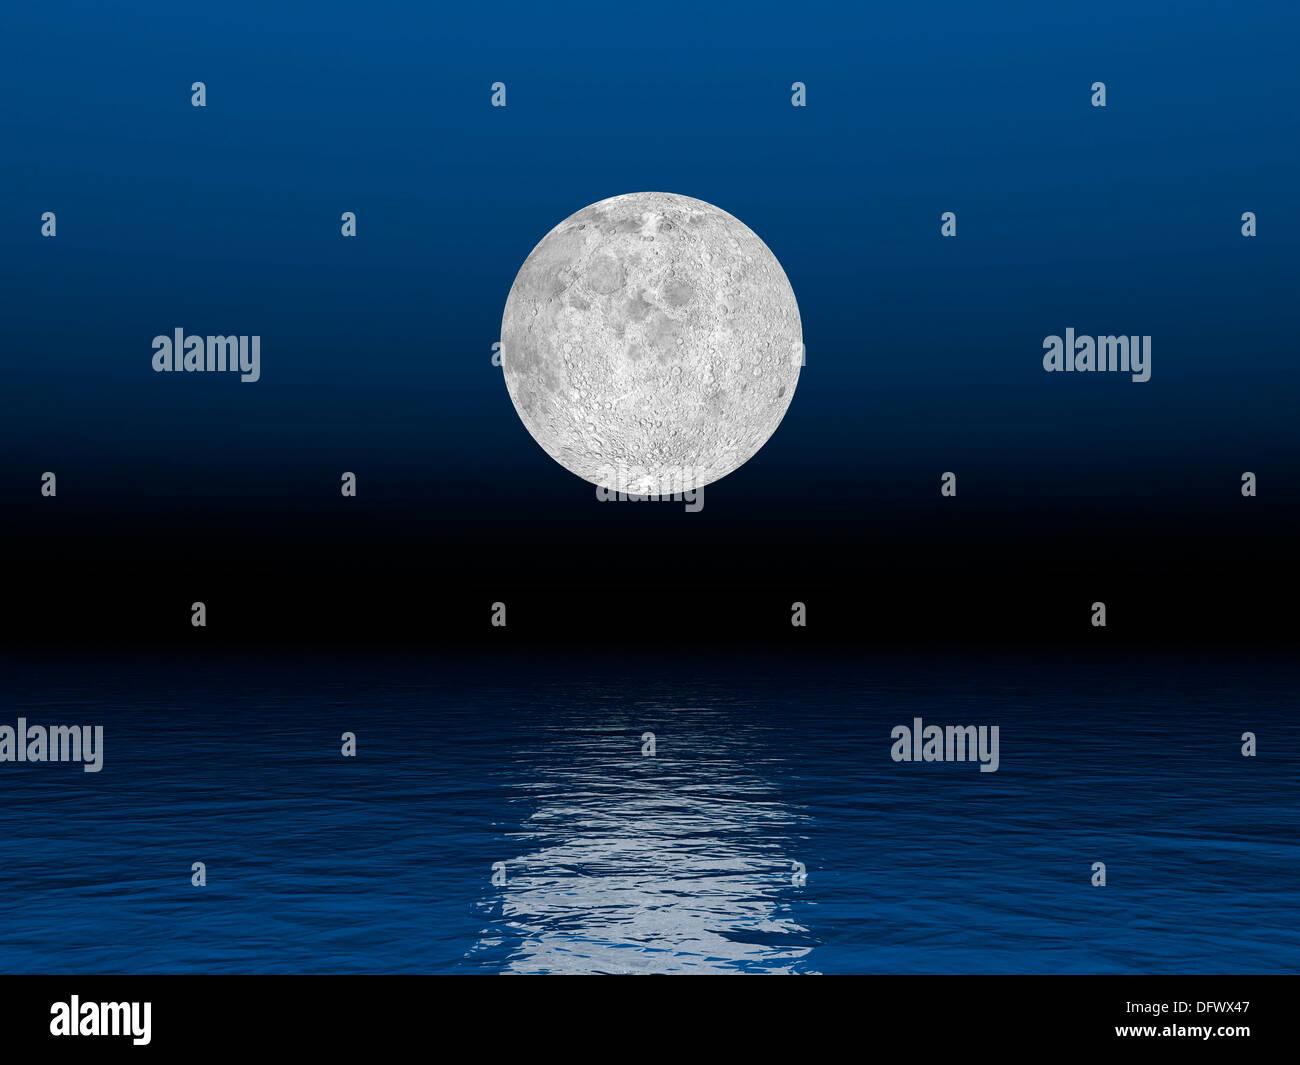 Belle pleine lune contre un ciel bleu profond sur l'océan. Photo Stock